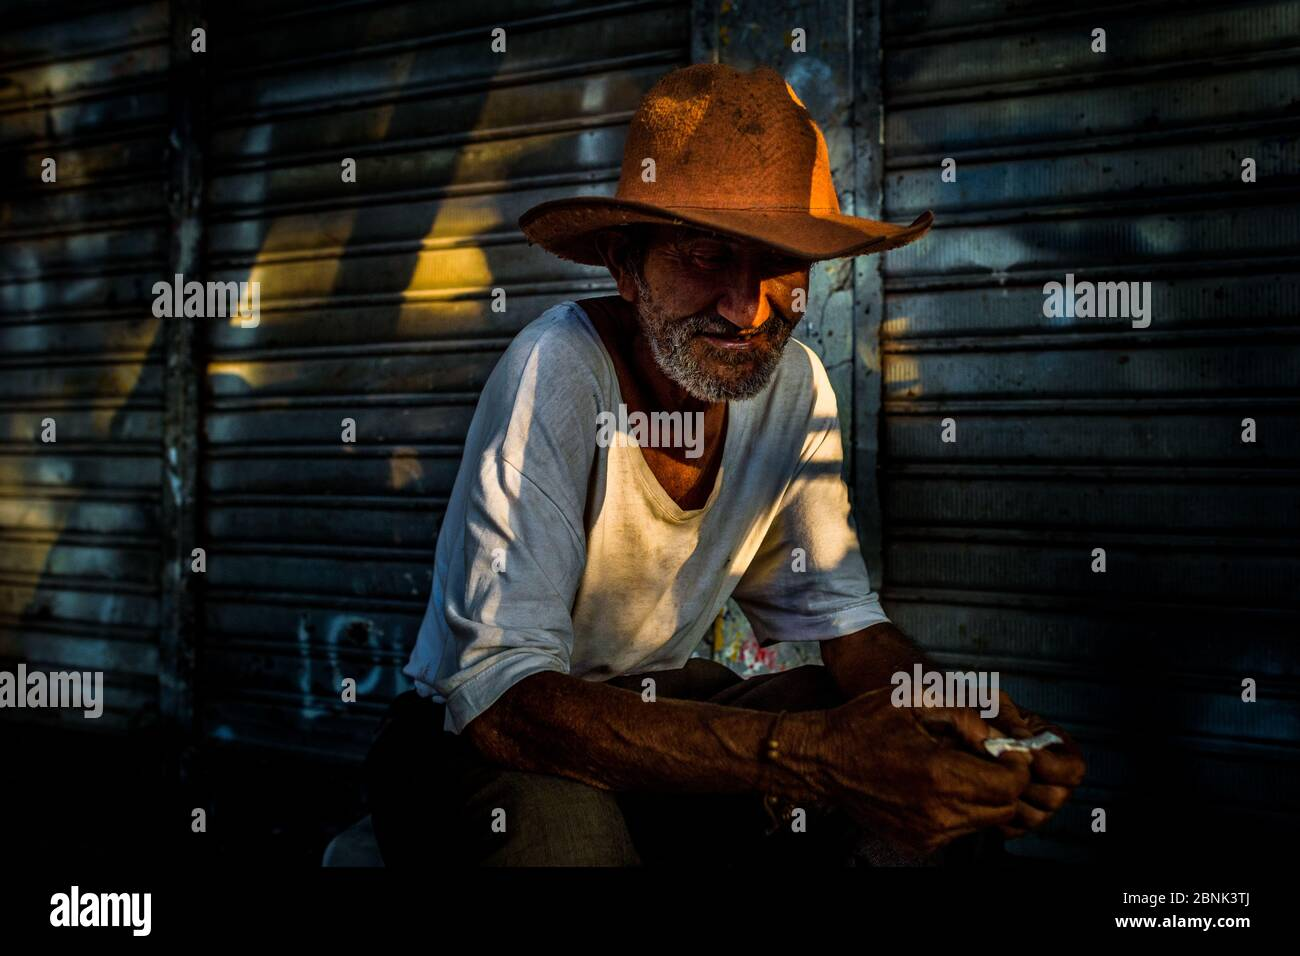 Un vendeur colombien, portant un chapeau de cow-boy, se cache dans l'ombre sur le marché de la Plaza Minorista à Medellín, en Colombie. Banque D'Images